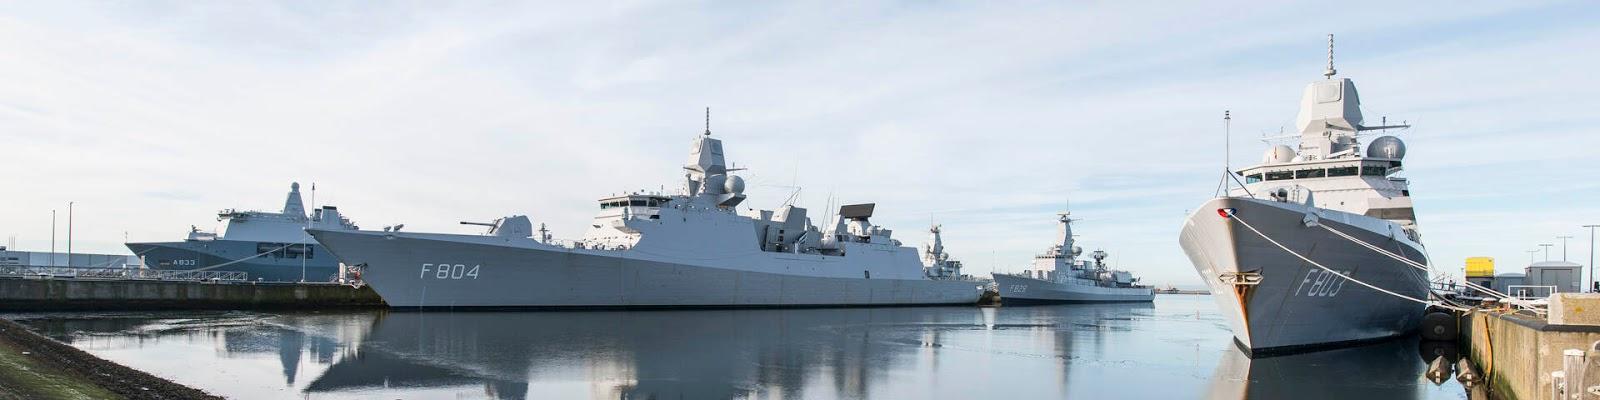 Koninklijke Marine Schepen  bron:defensie.nl